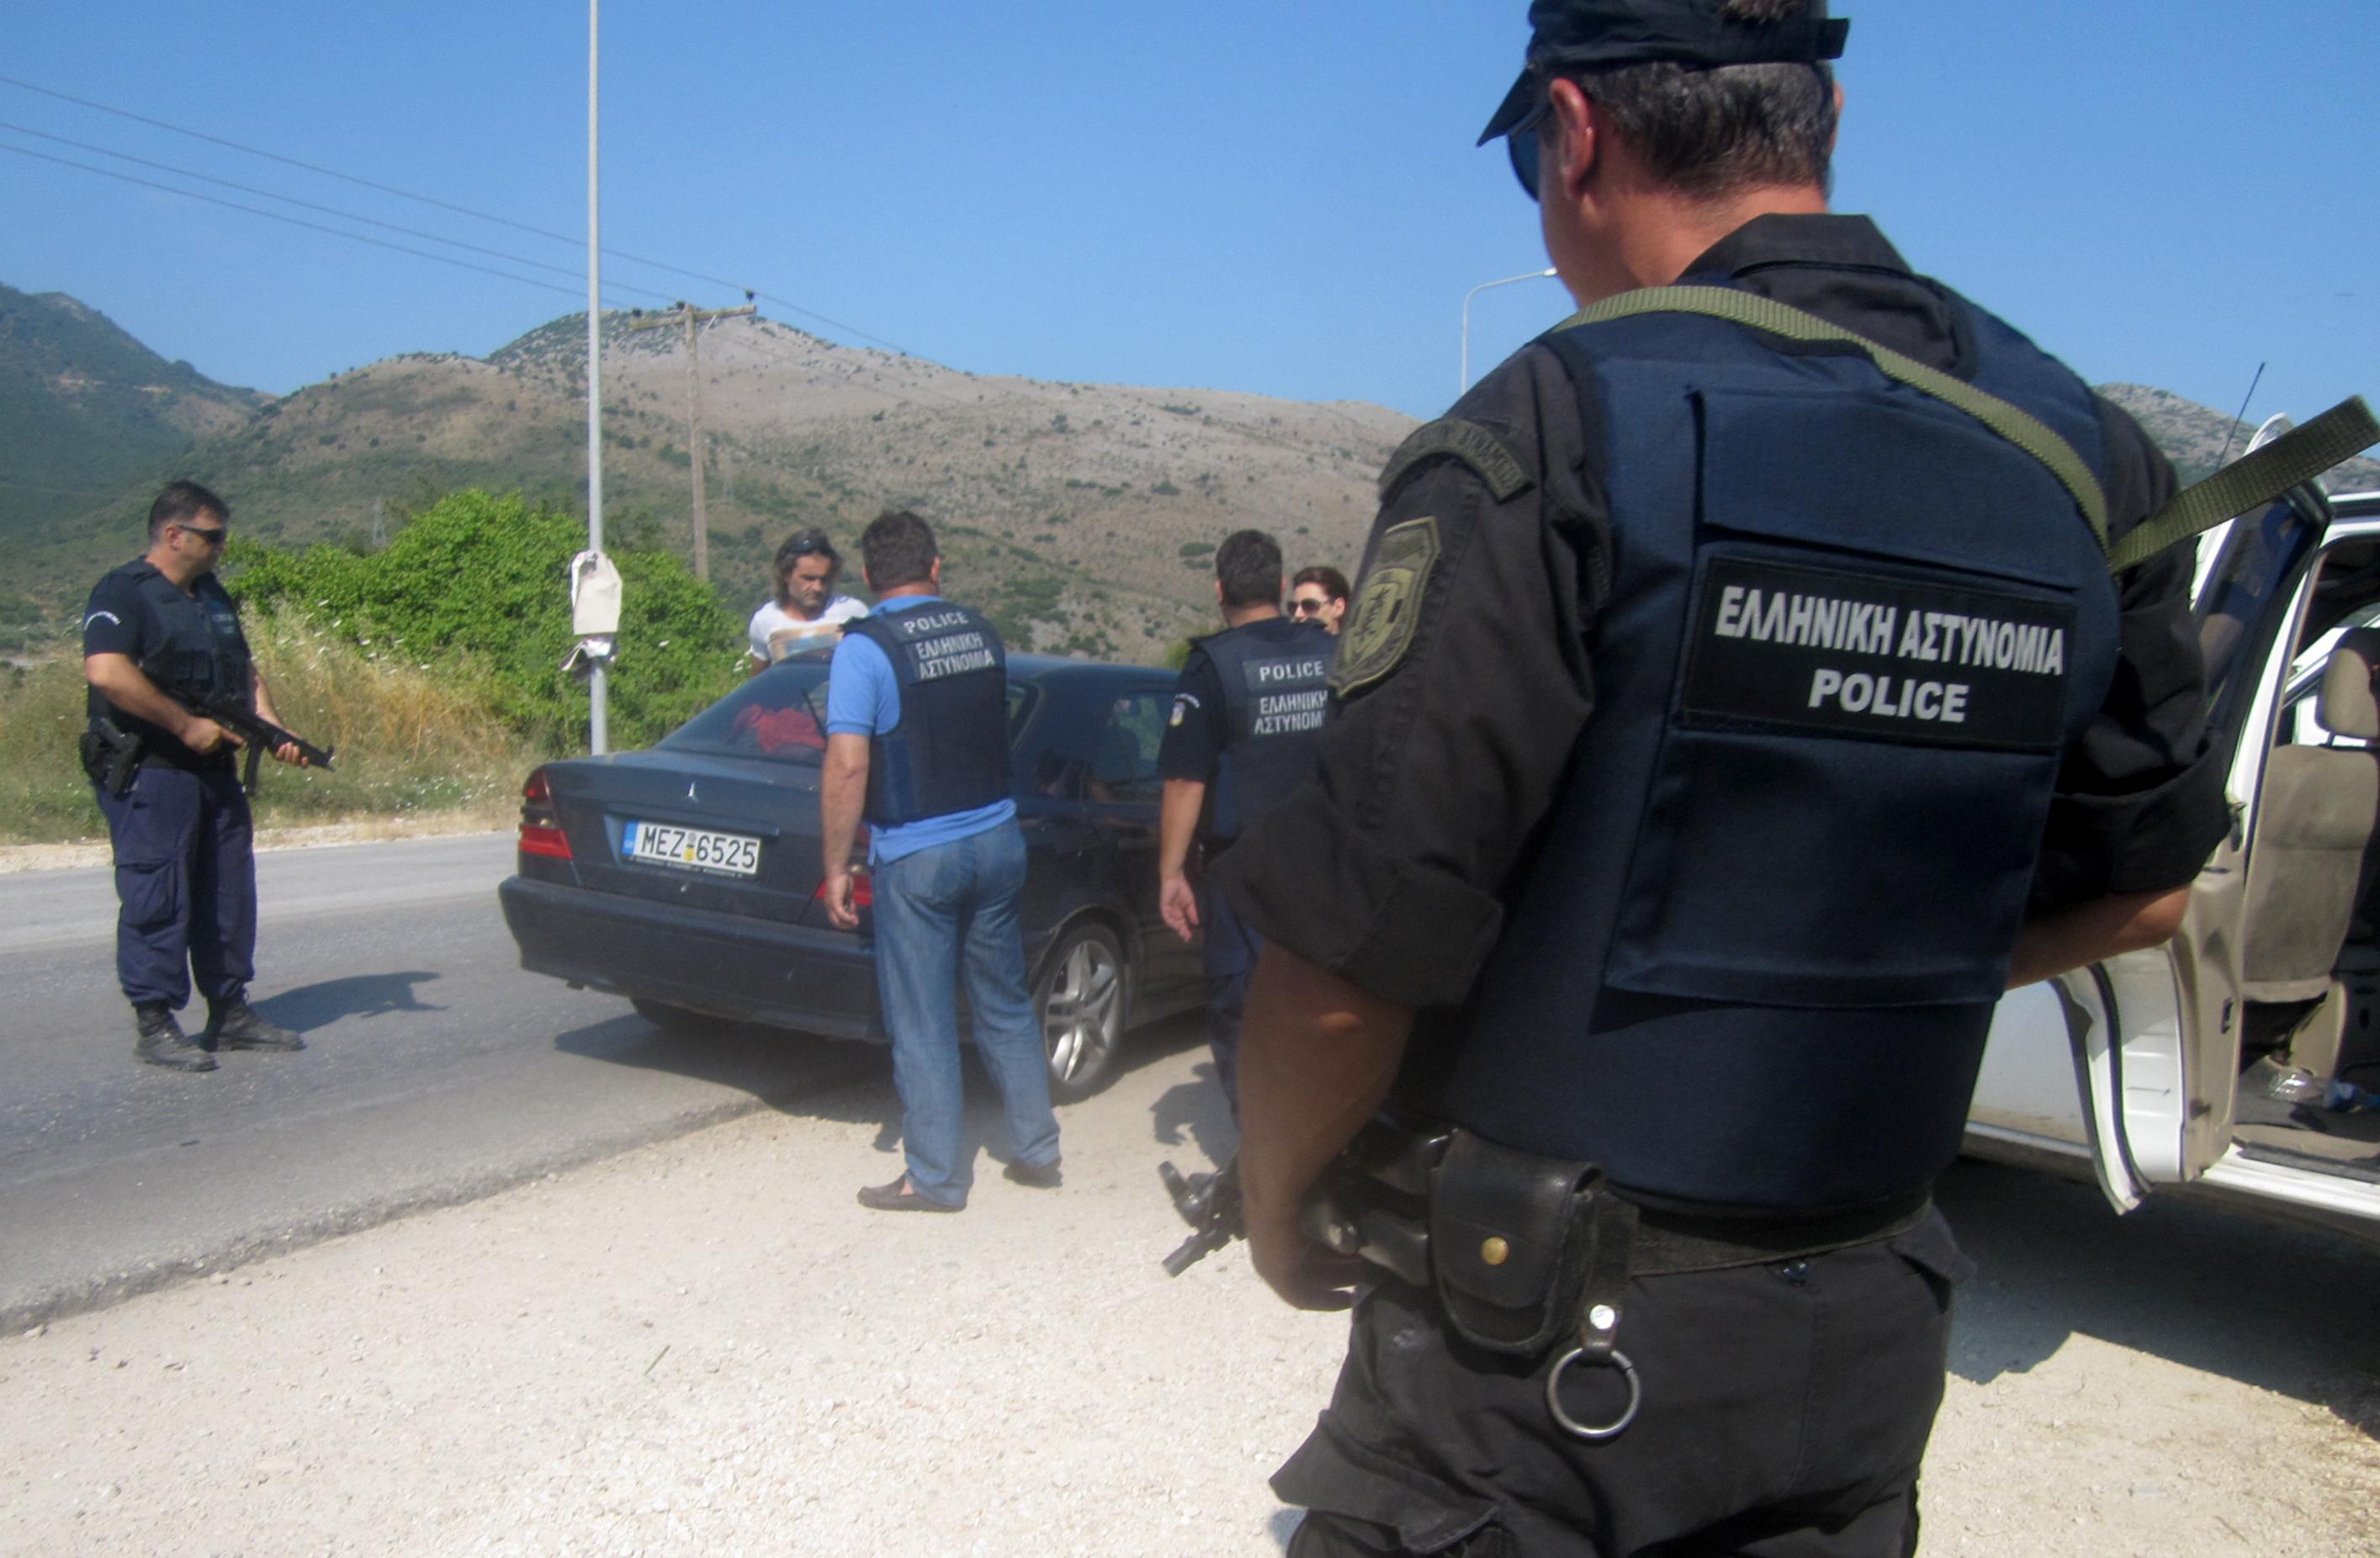 Βόλος: Έπιασαν δύο καταζητούμενους ληστές, νεκρός ο τρίτος – Το μεσημέρι οι επίσημες ανακοινώσεις της ΕΛ.ΑΣ   tovima.gr